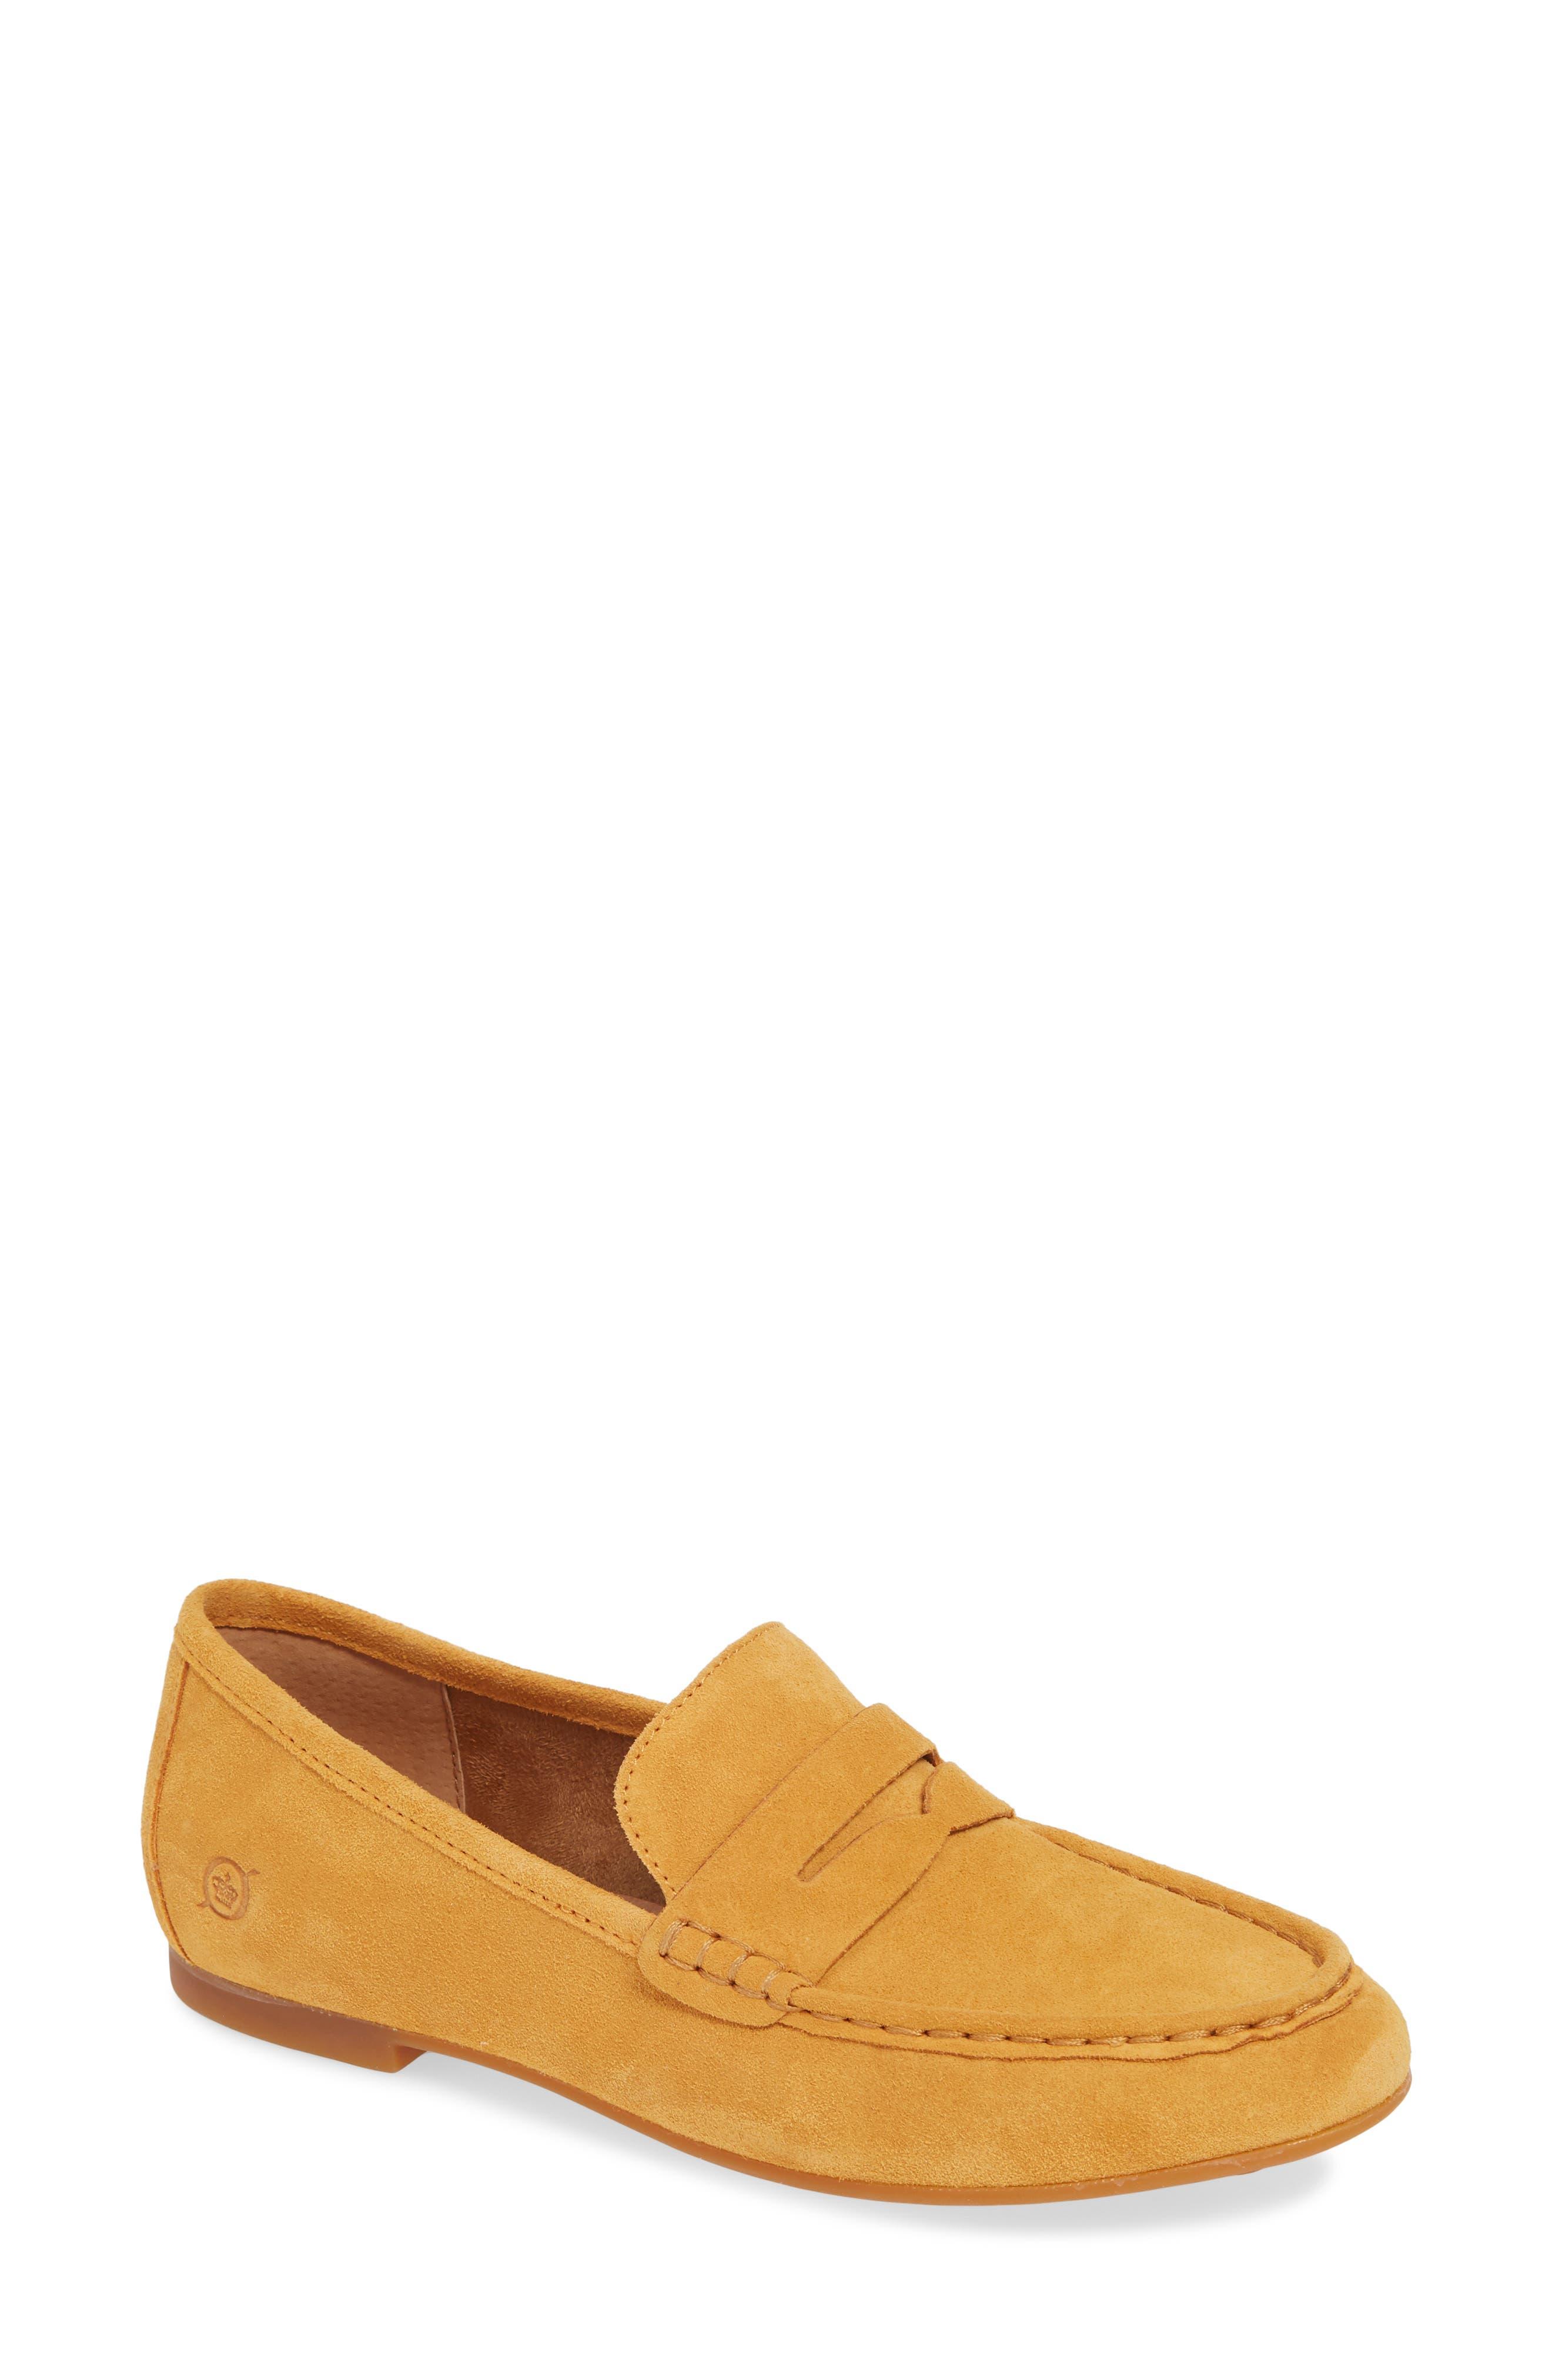 Børn Barnstable Loafer (Women)